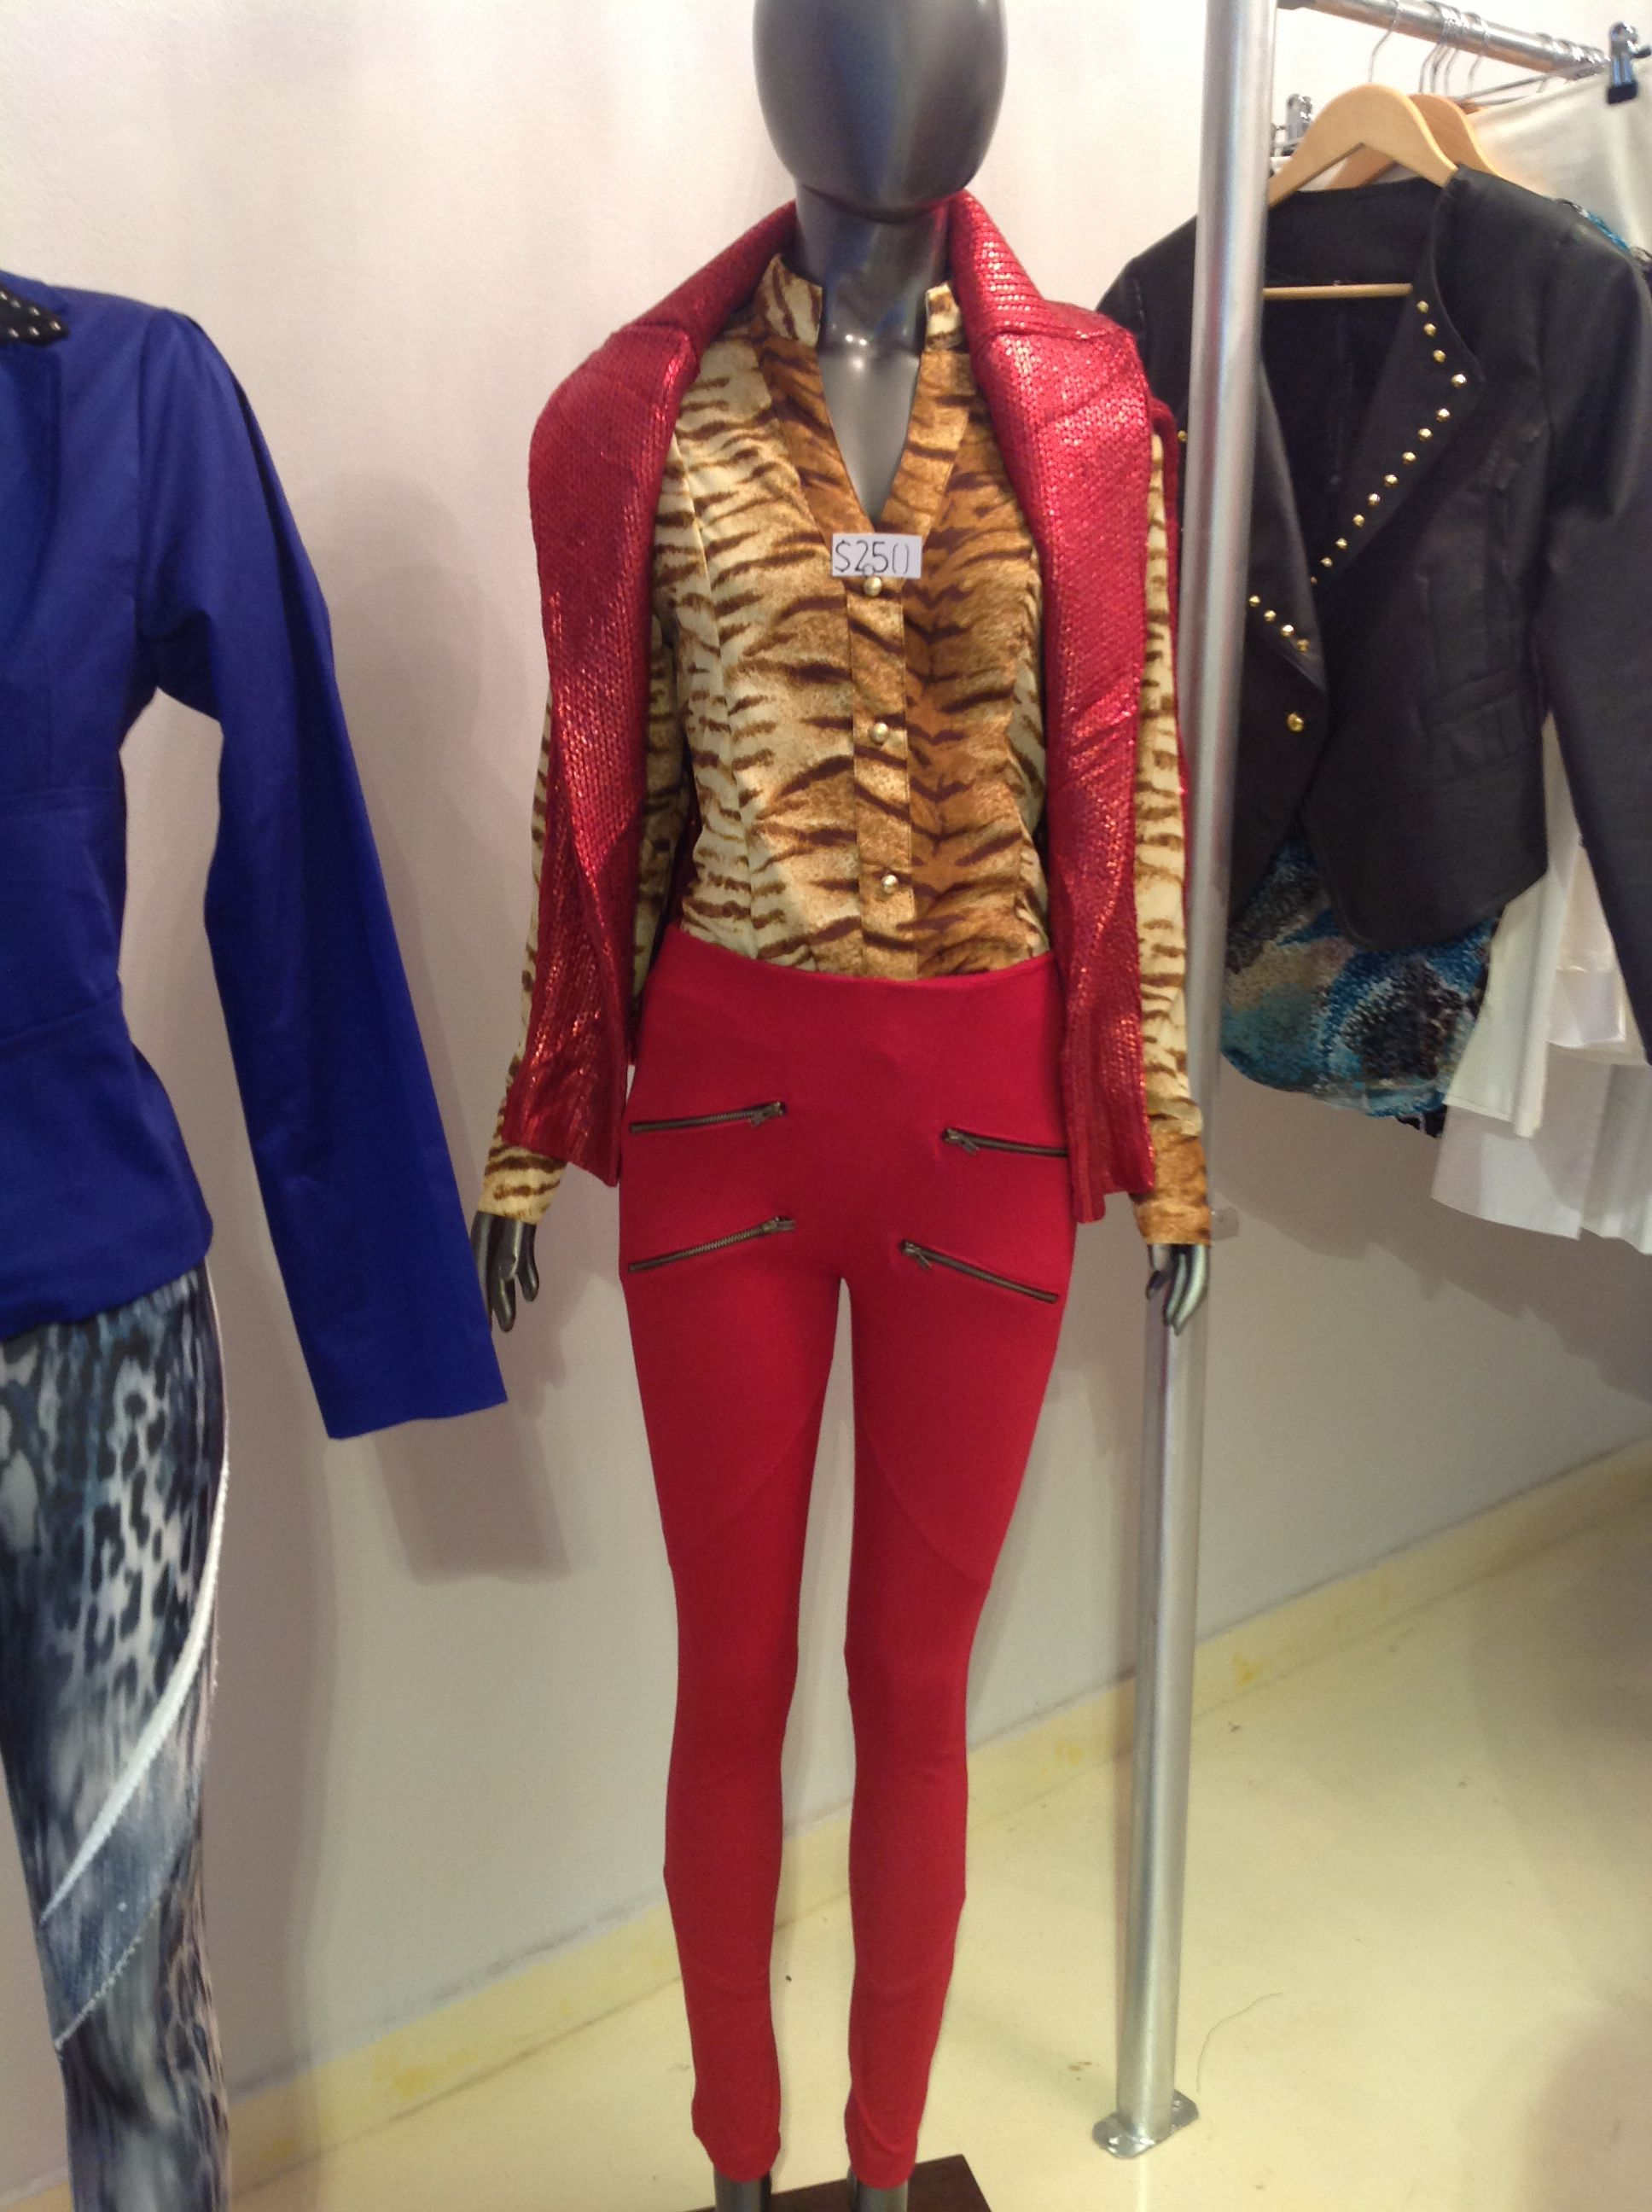 Calza con cierre (Tori Aranguren), camisa. Animal print se seda (Tori Aranguren), sweater engomado varios colores